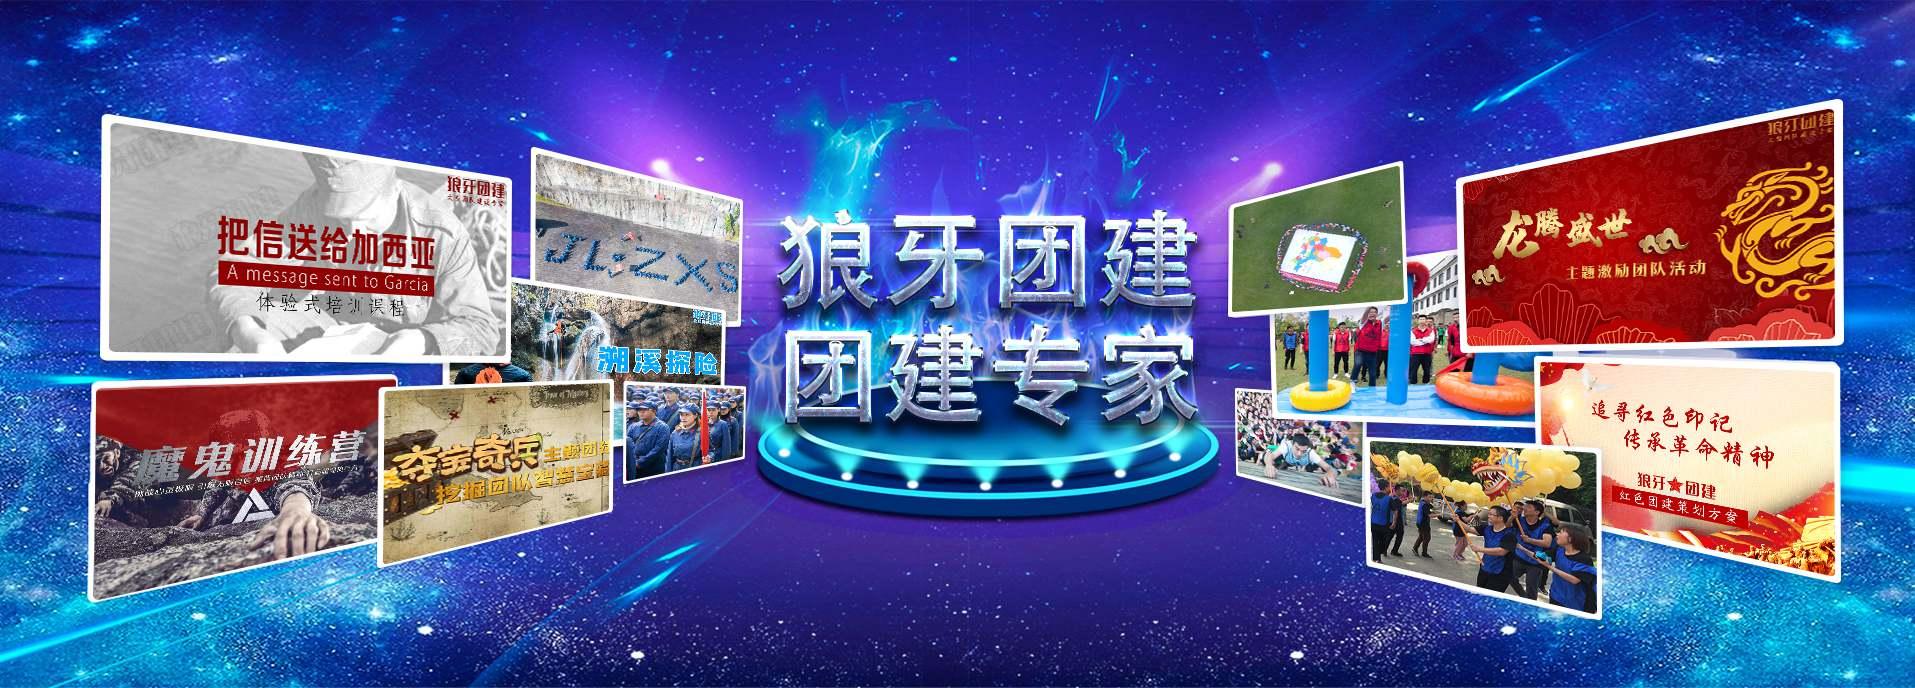 长沙合乐彩票训练公司网站banner图